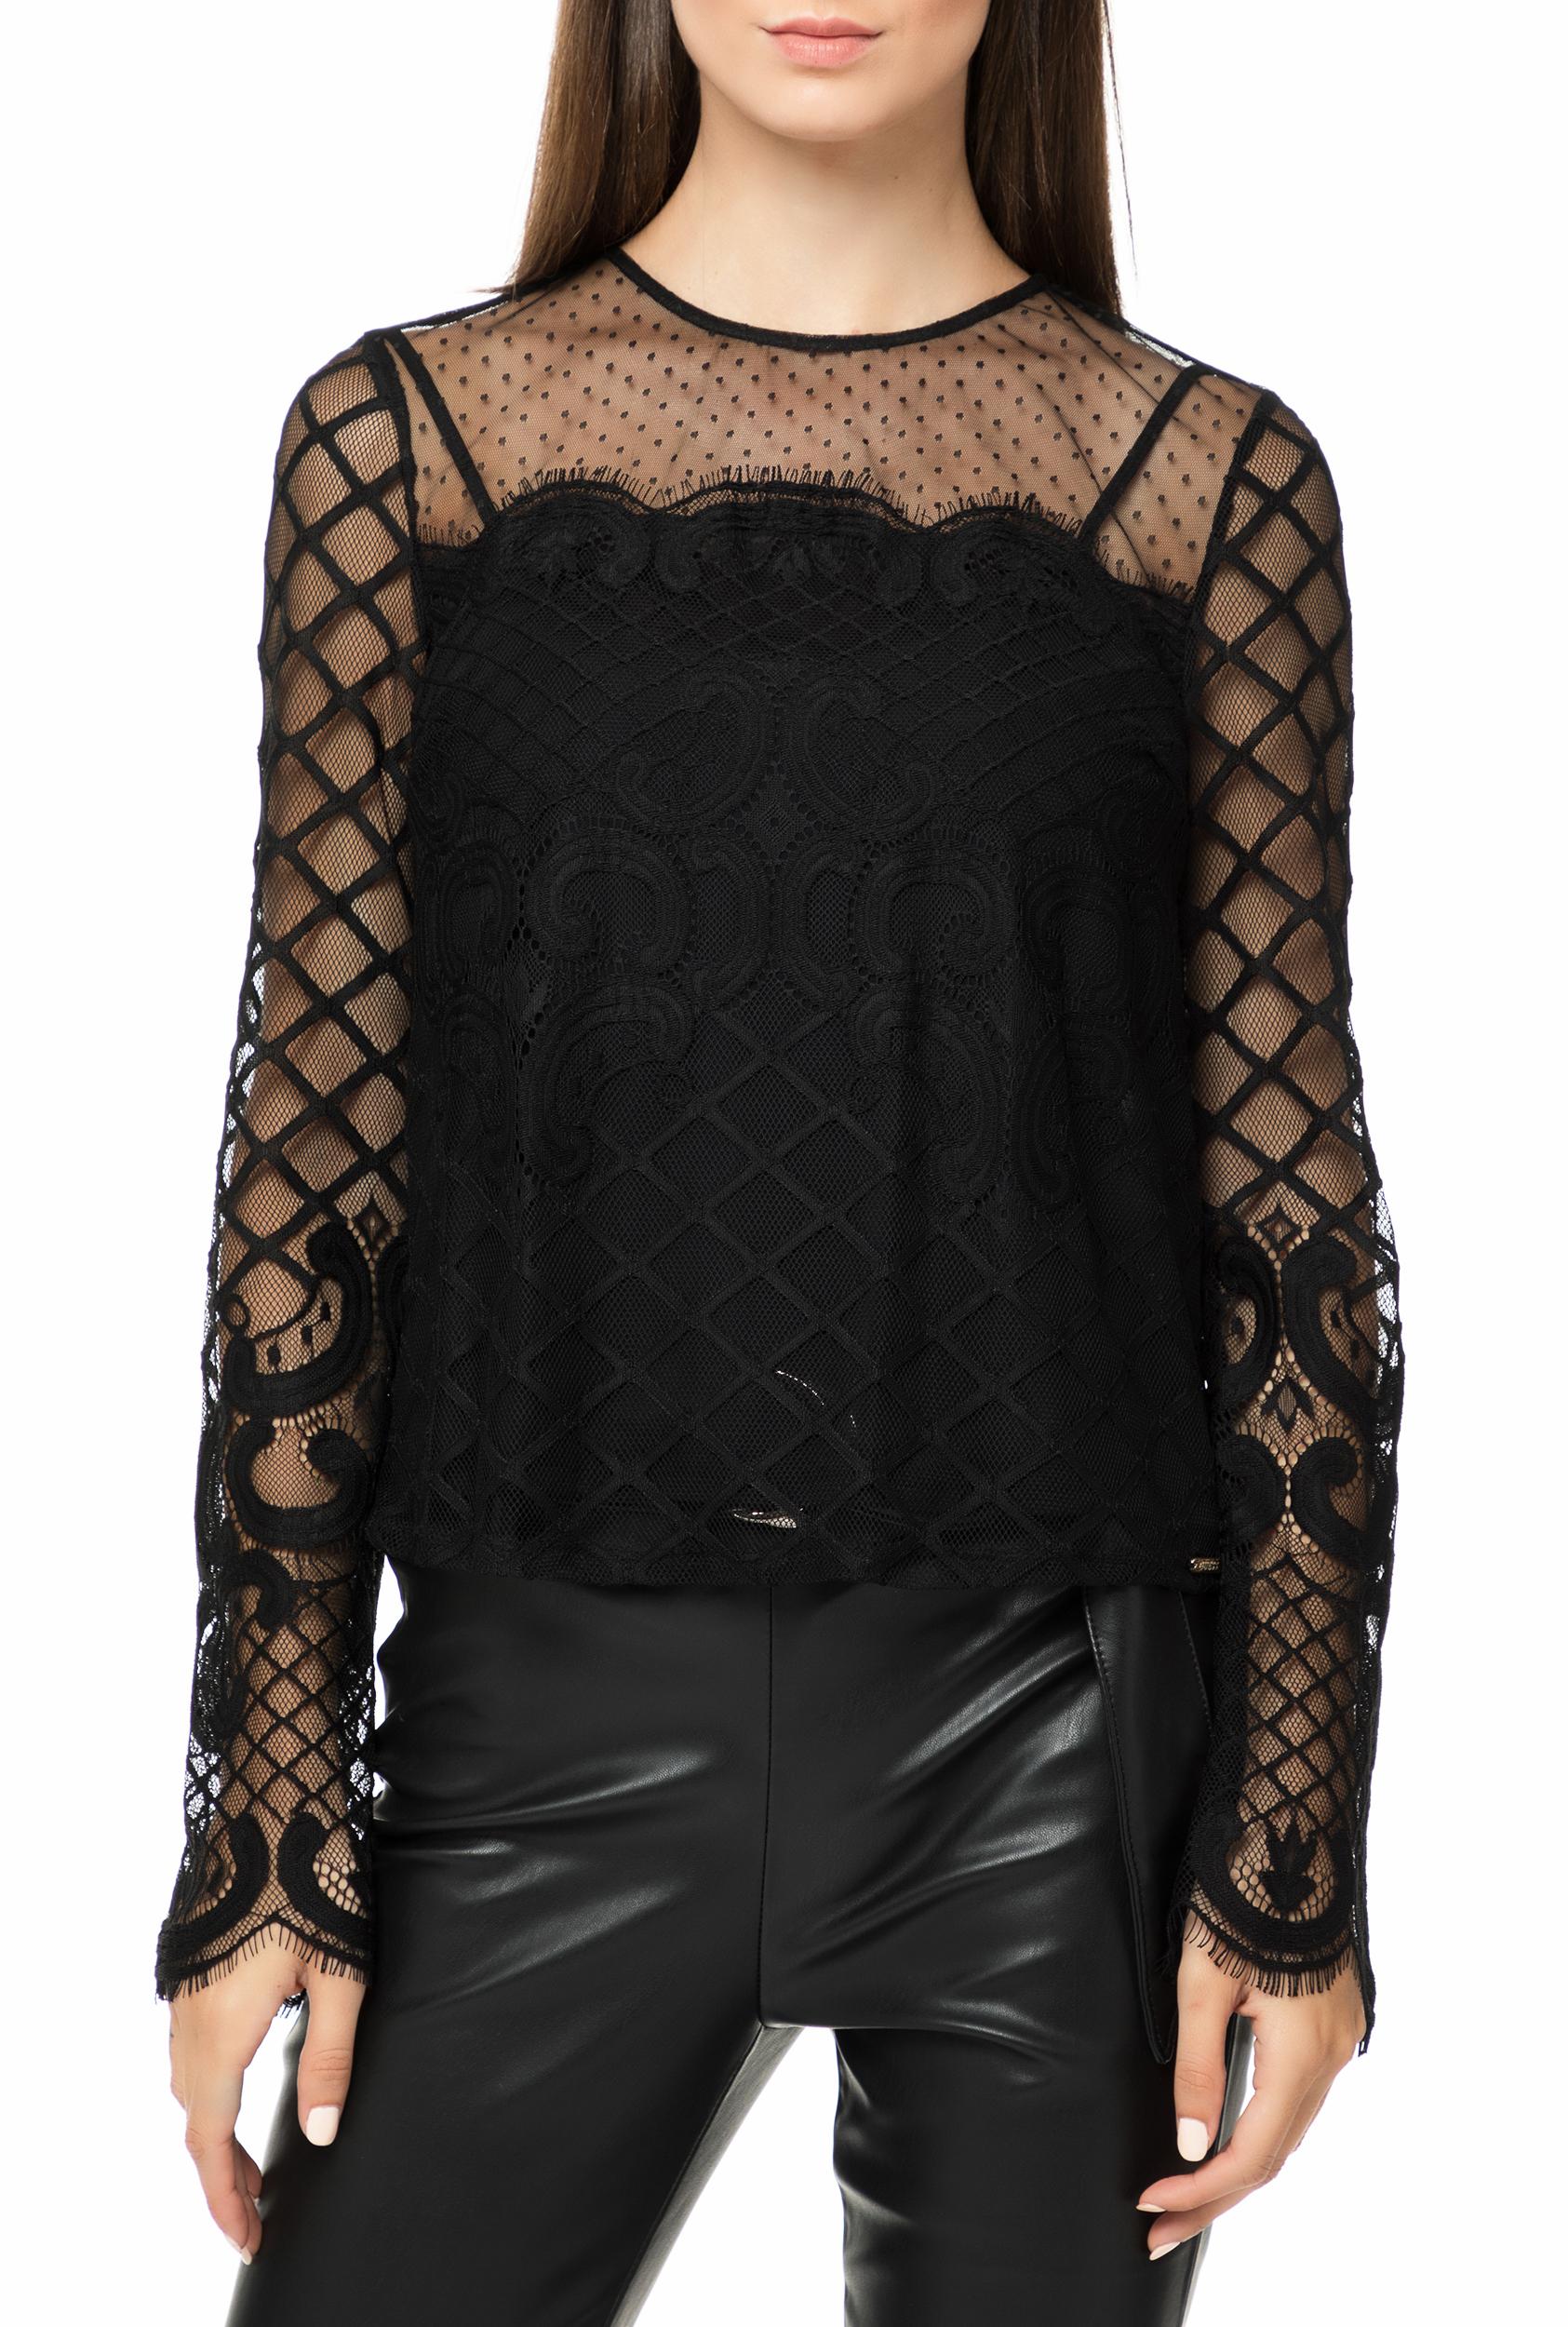 901b918c567d GUESS - Γυναικεία μακρυμάνικη μπλούζα με δαντέλα GUESS HONORIA μαύρη